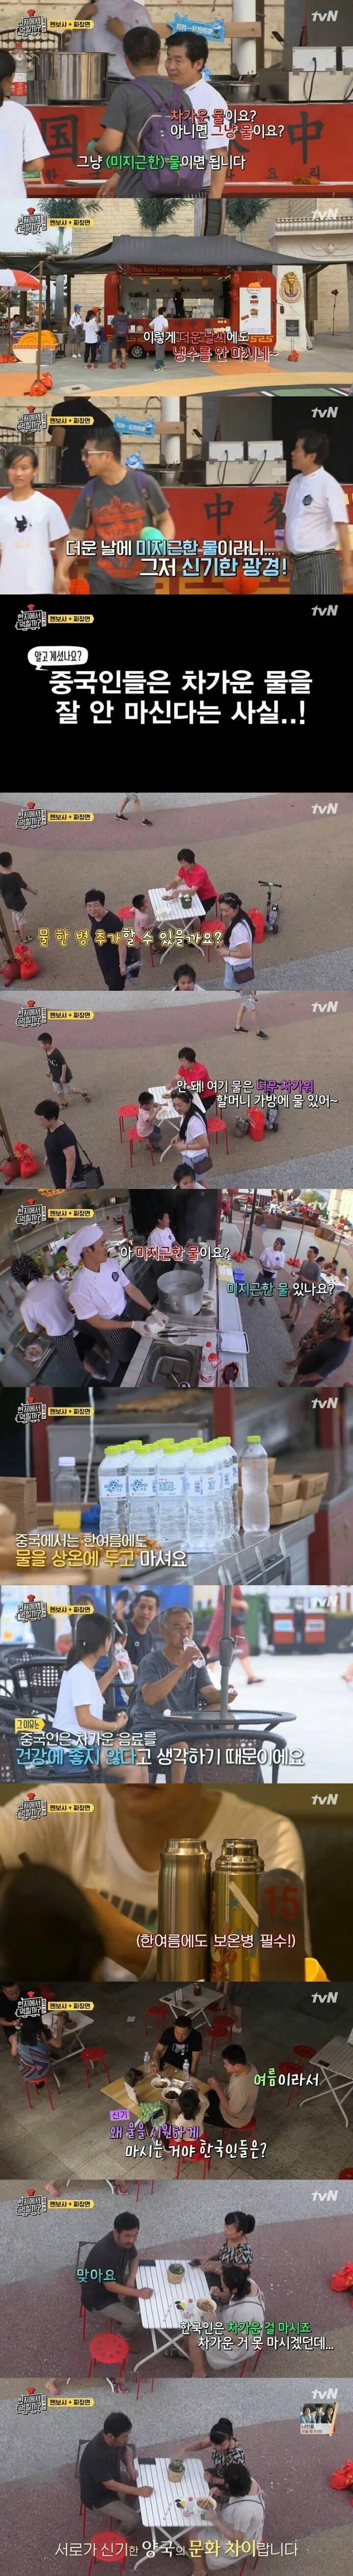 중국인이 신기해 하는 한국 문화 .JPG | 인스티즈